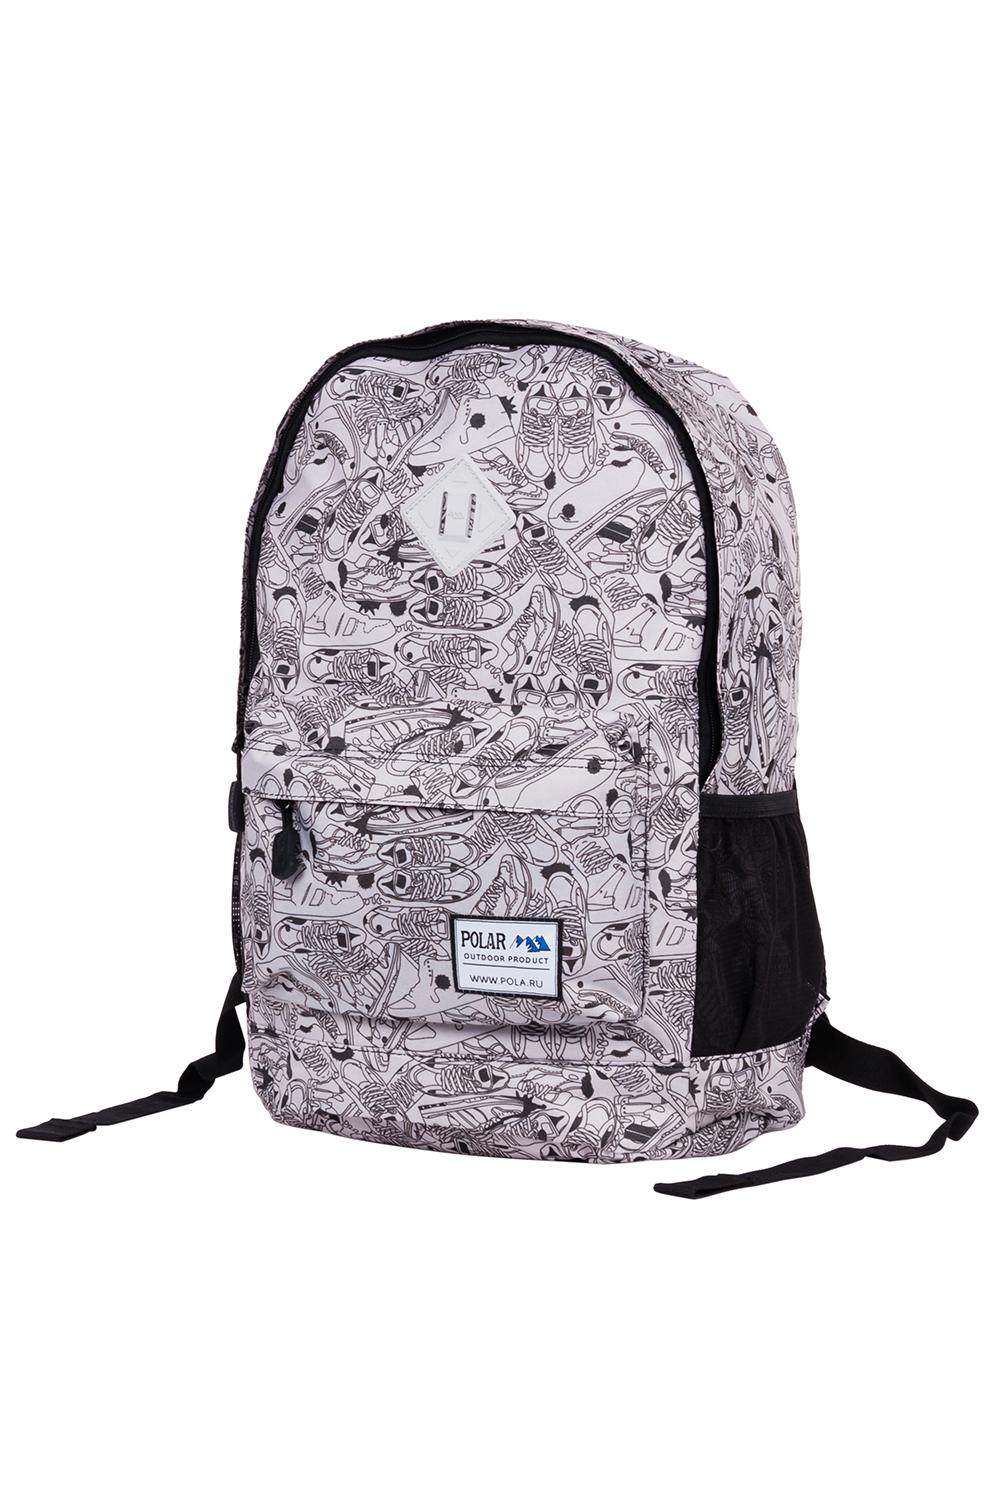 РюкзакРюкзаки<br>Модный рюкзак для активного отдыха или занятий спортом из качественных ярких материалов. Одно основное отделение на двухсторонней молнии. Снаружи передний карман на молнии, удобные лямки и ручка.  Размеры: 33*16*43 см  Цвет: серый, черный<br><br>По материалу: Тканевые<br>По рисунку: Цветные,С принтом<br>По способу ношения: На плечо<br>По степени жесткости: Мягкие<br>По типу застежки: С застежкой молнией<br>Ручки: Плечевые<br>По сезону: Всесезон<br>По стилю: Молодежный стиль,Повседневный стиль,Спортивный стиль<br>По форме: Прямоугольные<br>Размер : UNI<br>Материал: Полиэстер<br>Количество в наличии: 1